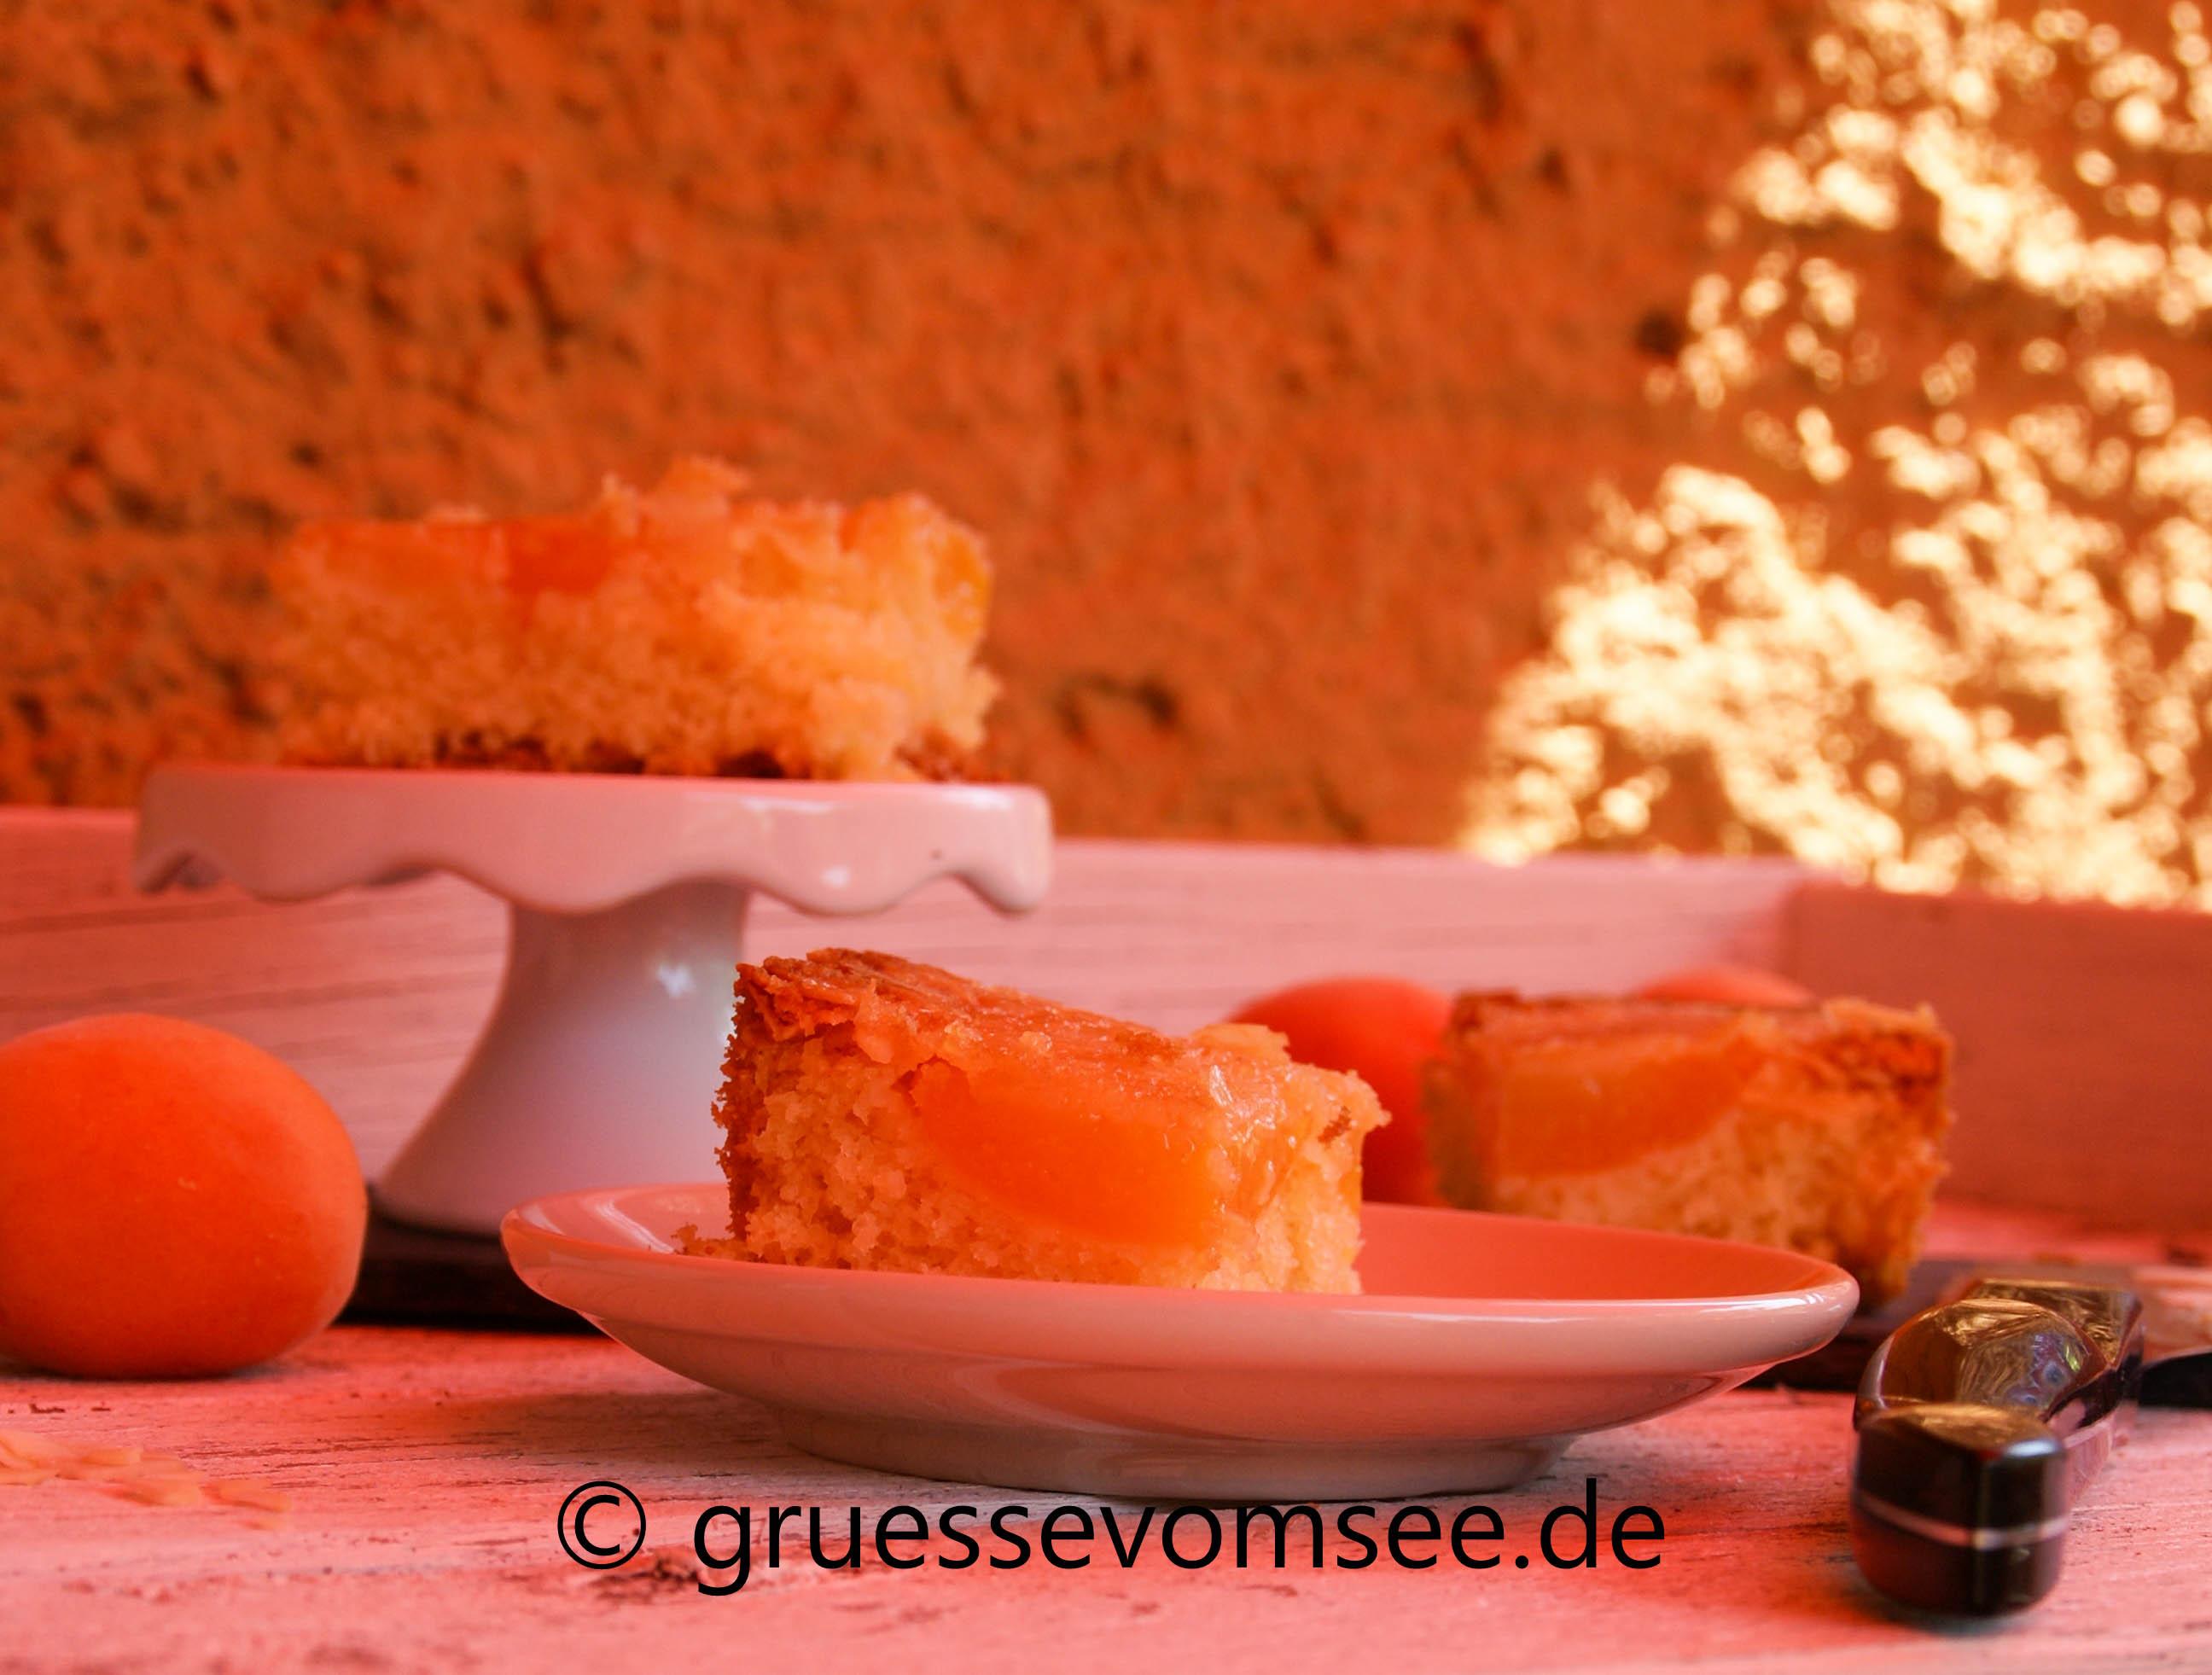 Aprikosenkuchen_Glutenfrei_Loveofbaking_Gruessevomsee